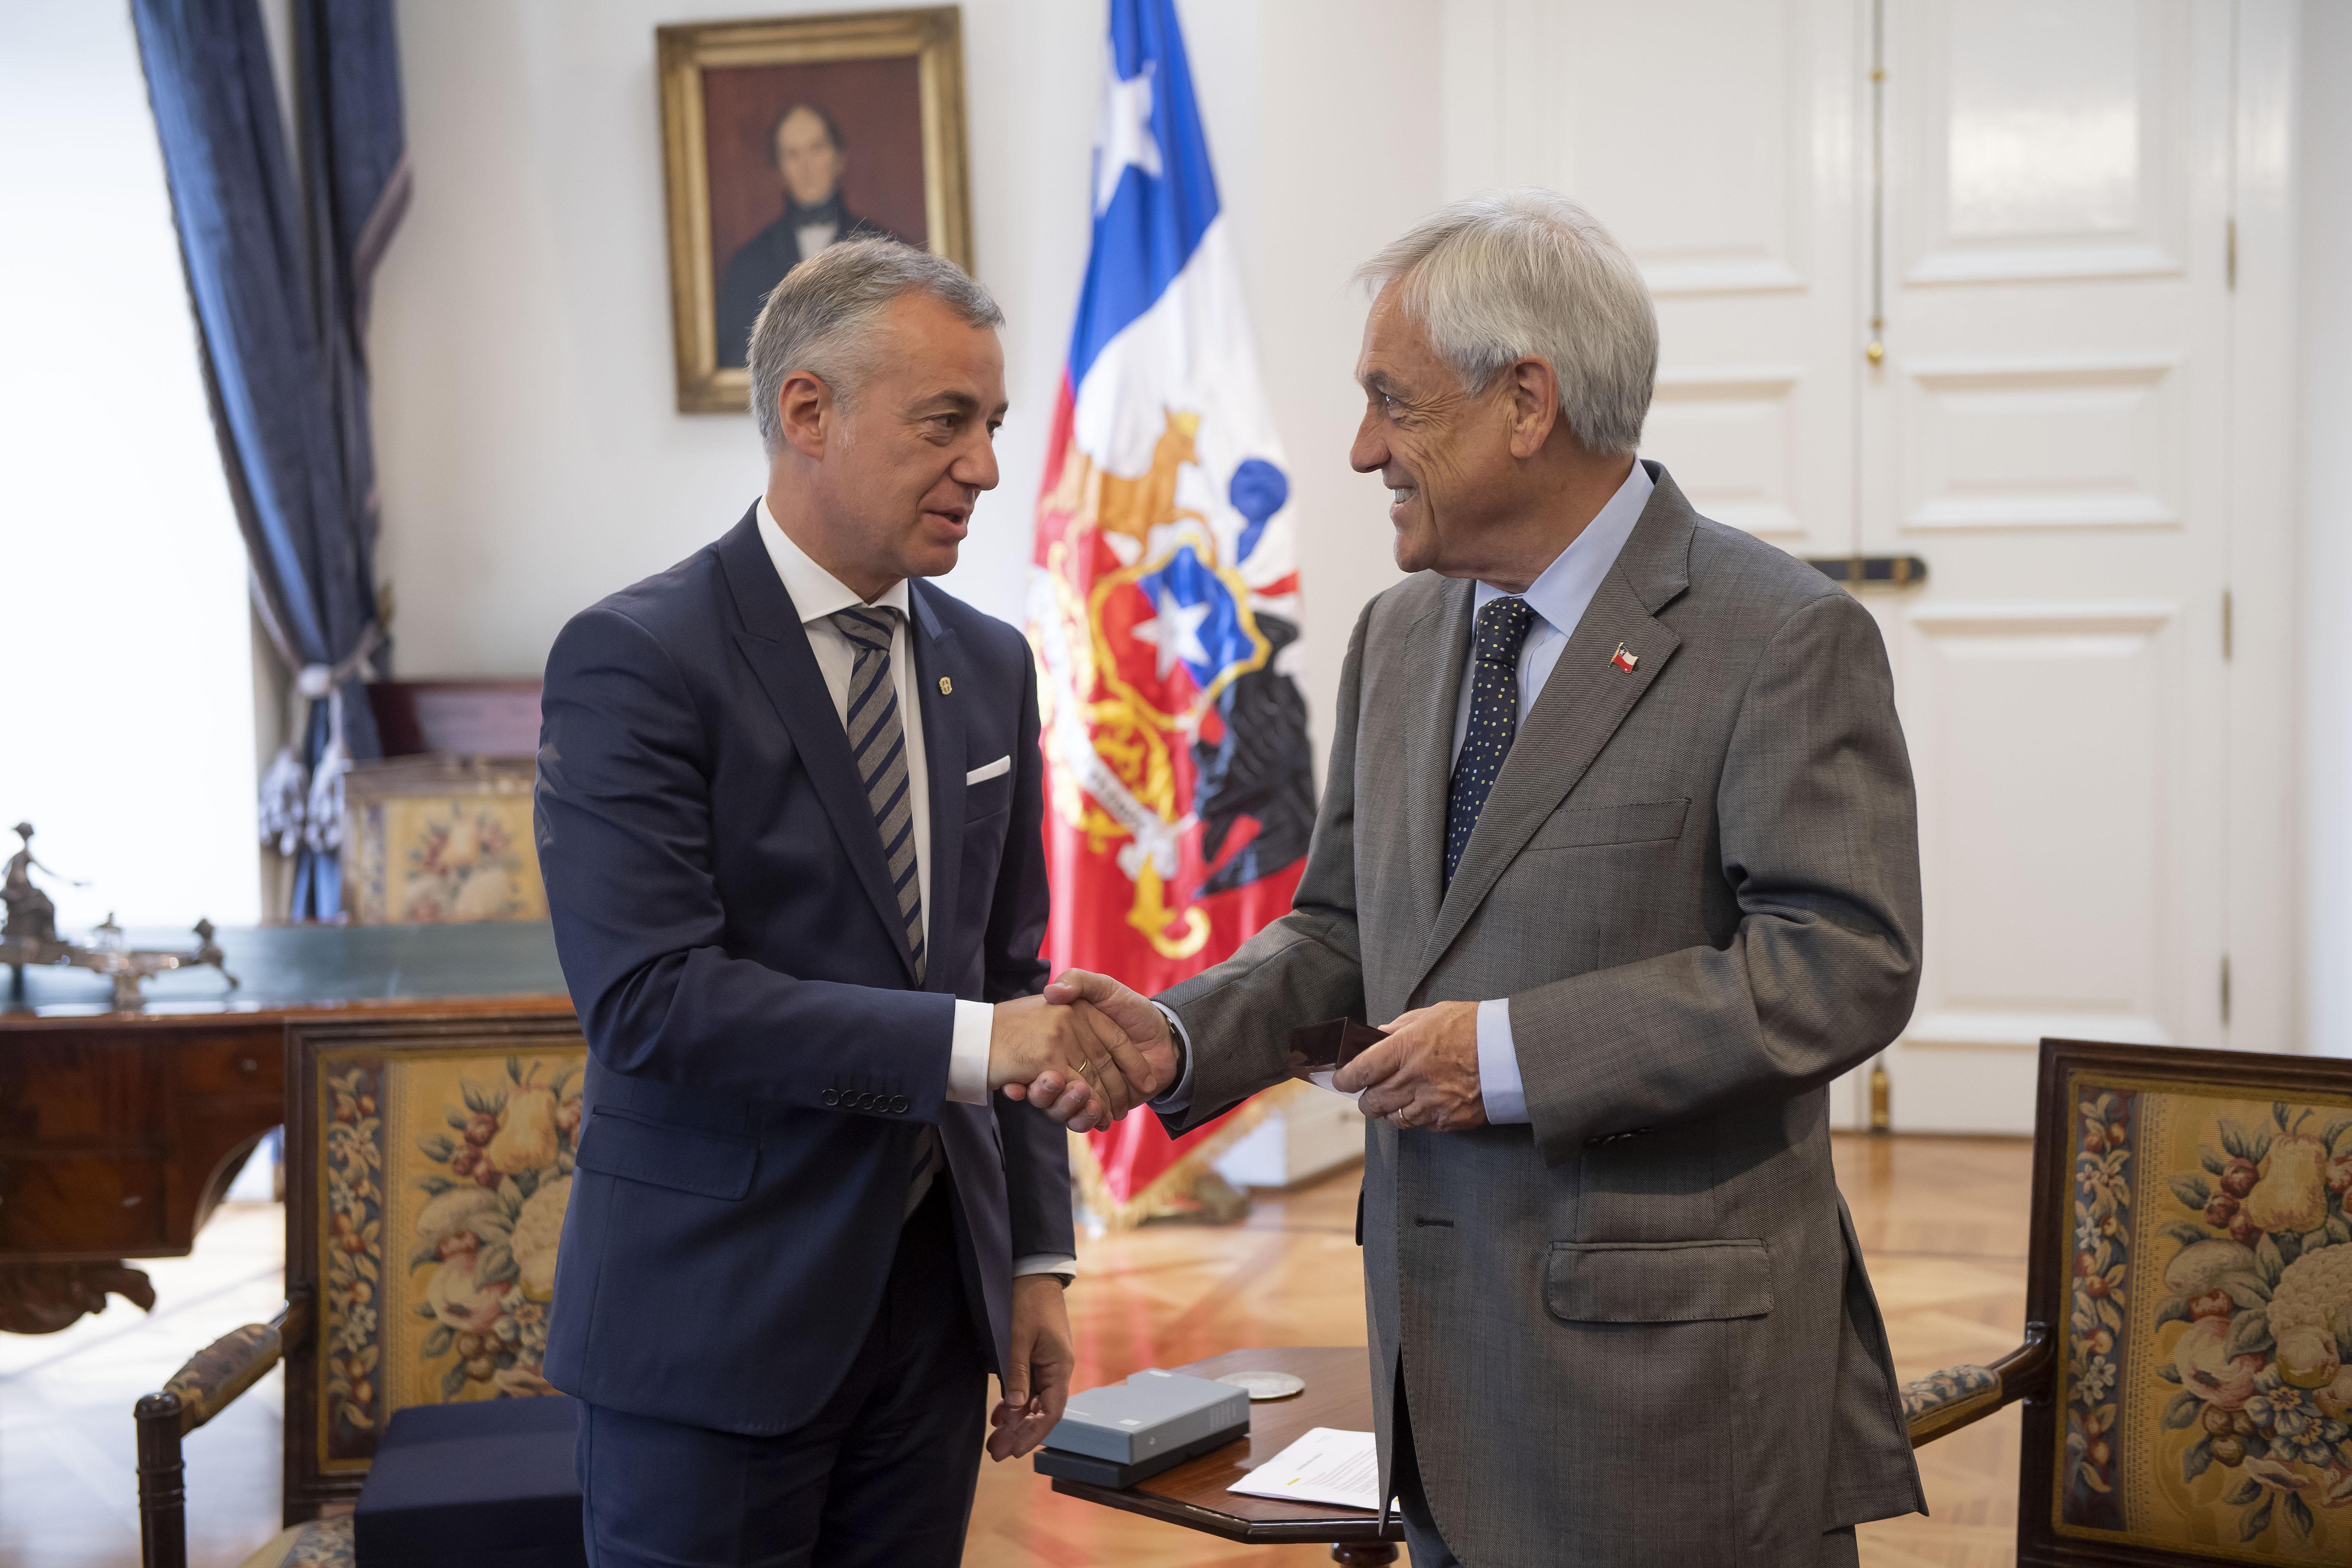 Lehendakari Urkullu meets with the President of Chile, Sebastián Piñera